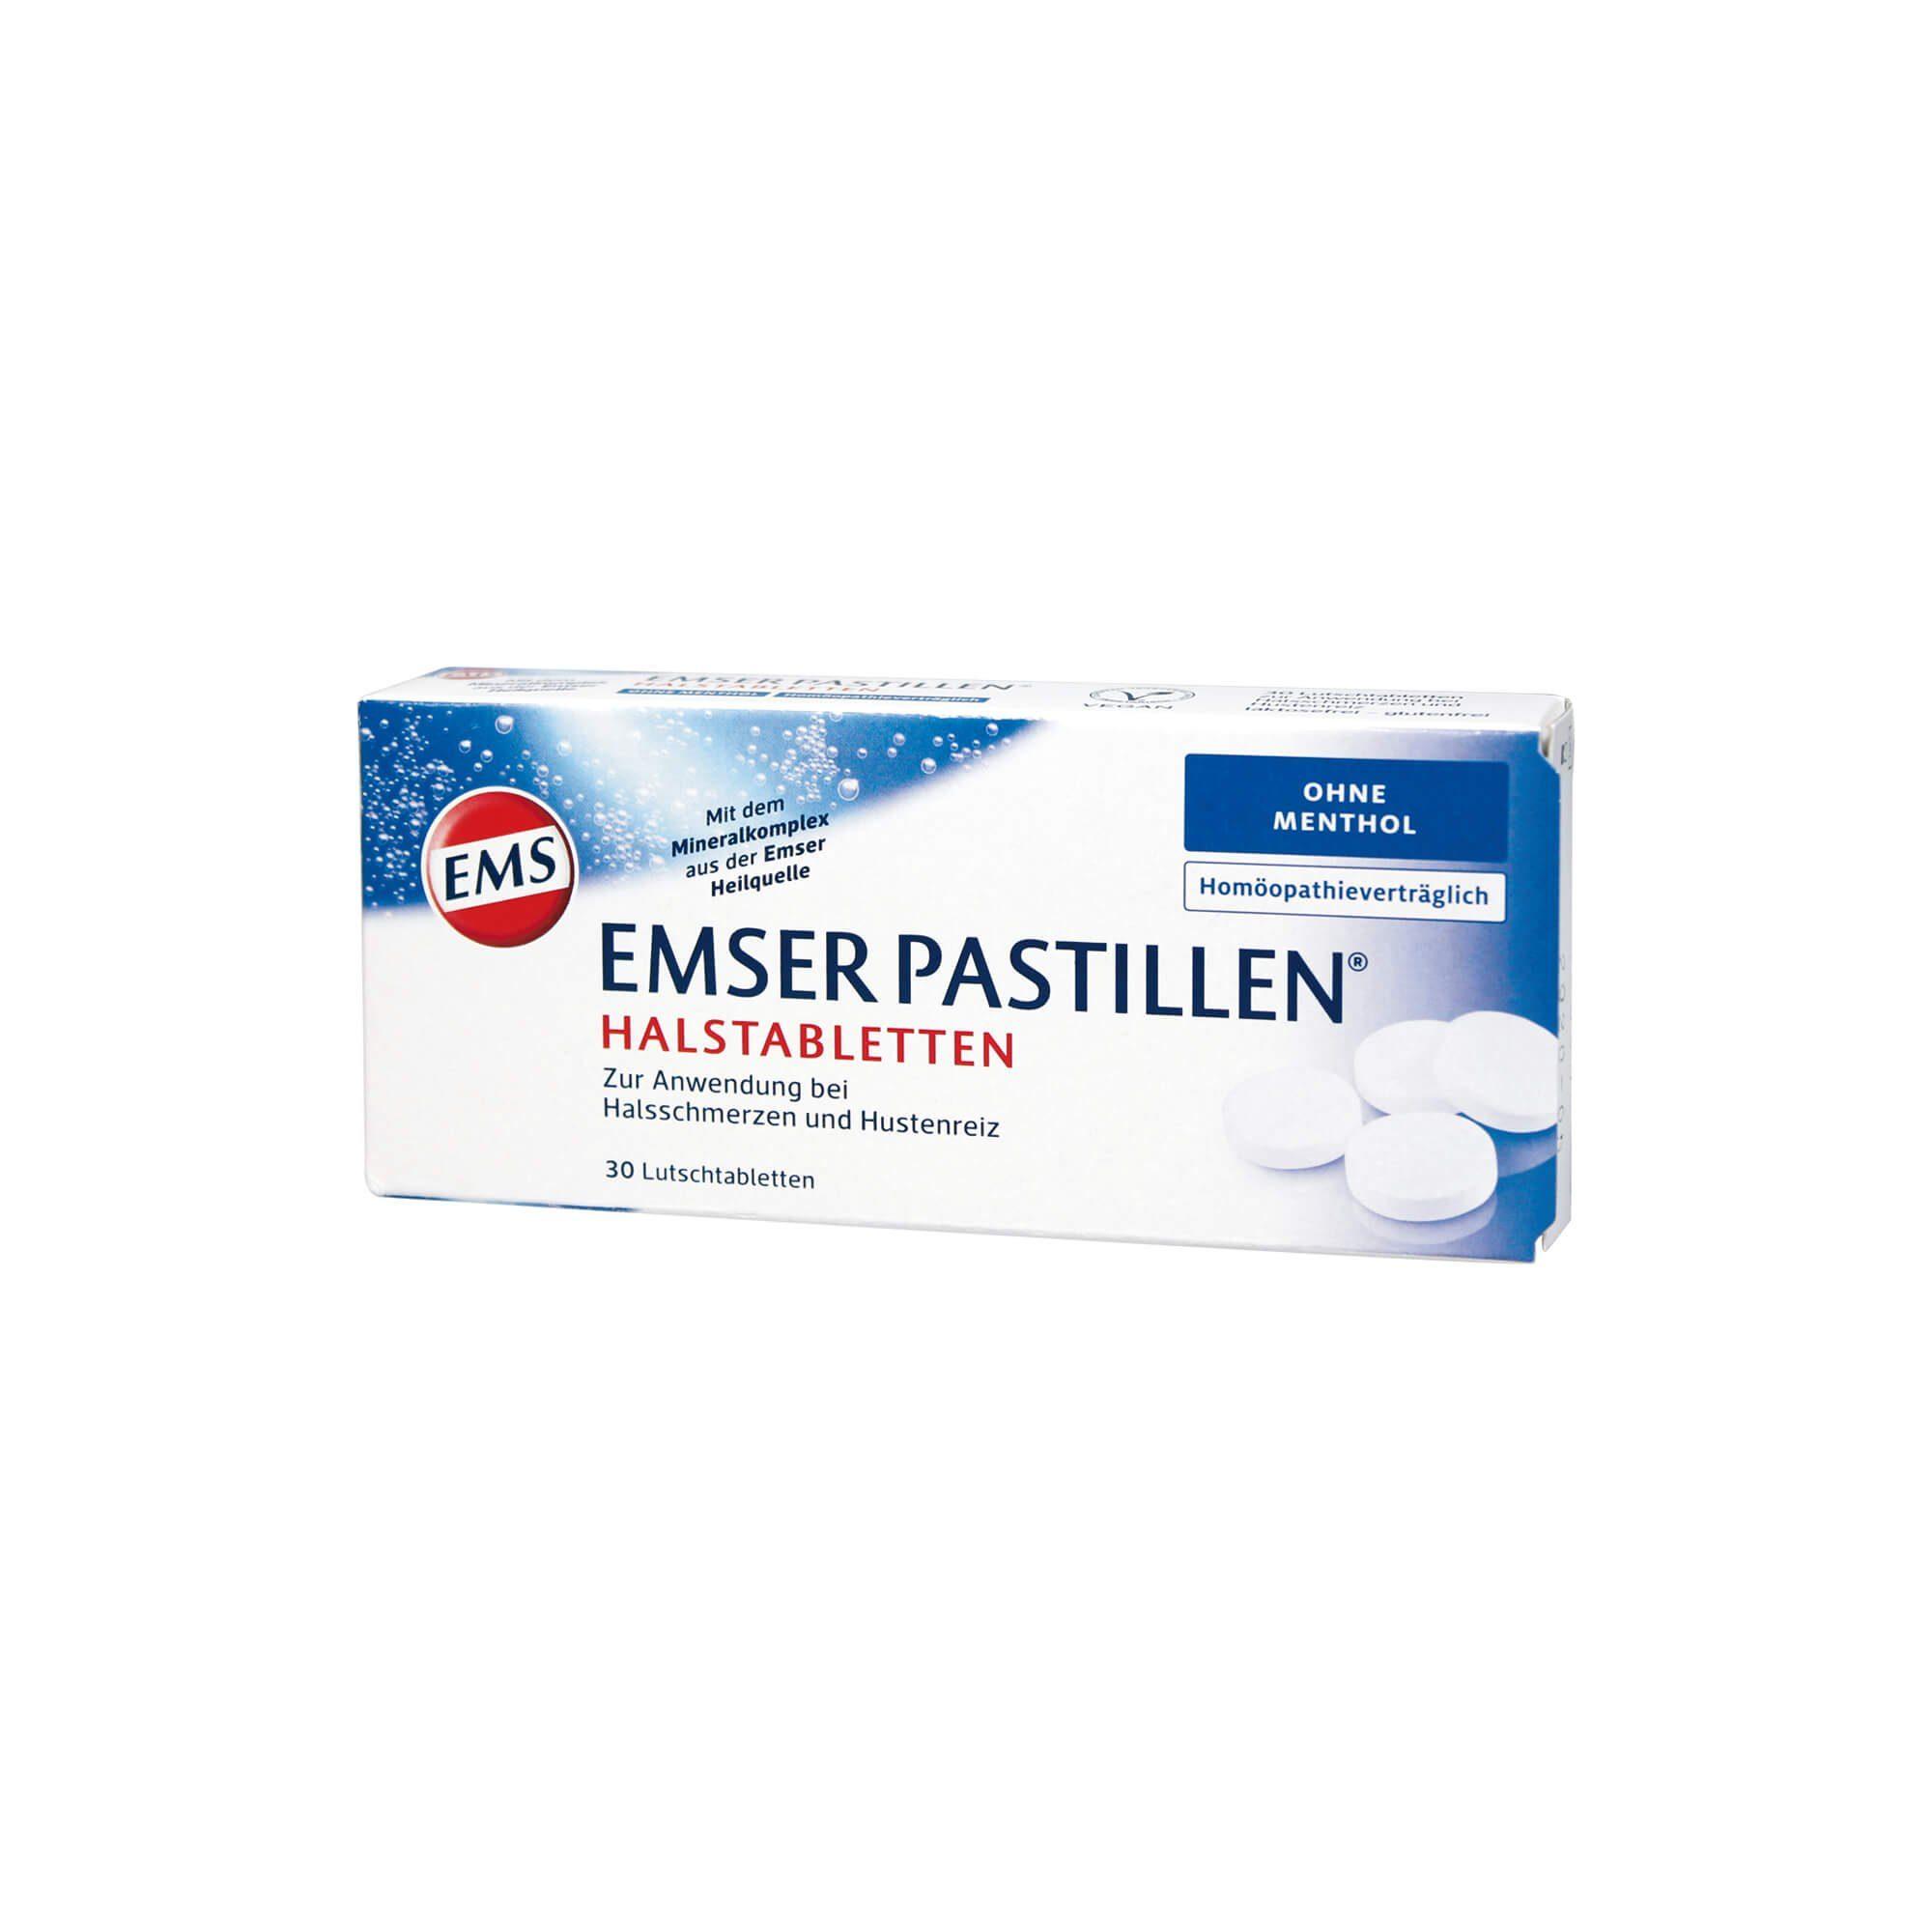 Emser Pastillen homöopathiever. Halstabletten ohne Menthol , 30 St